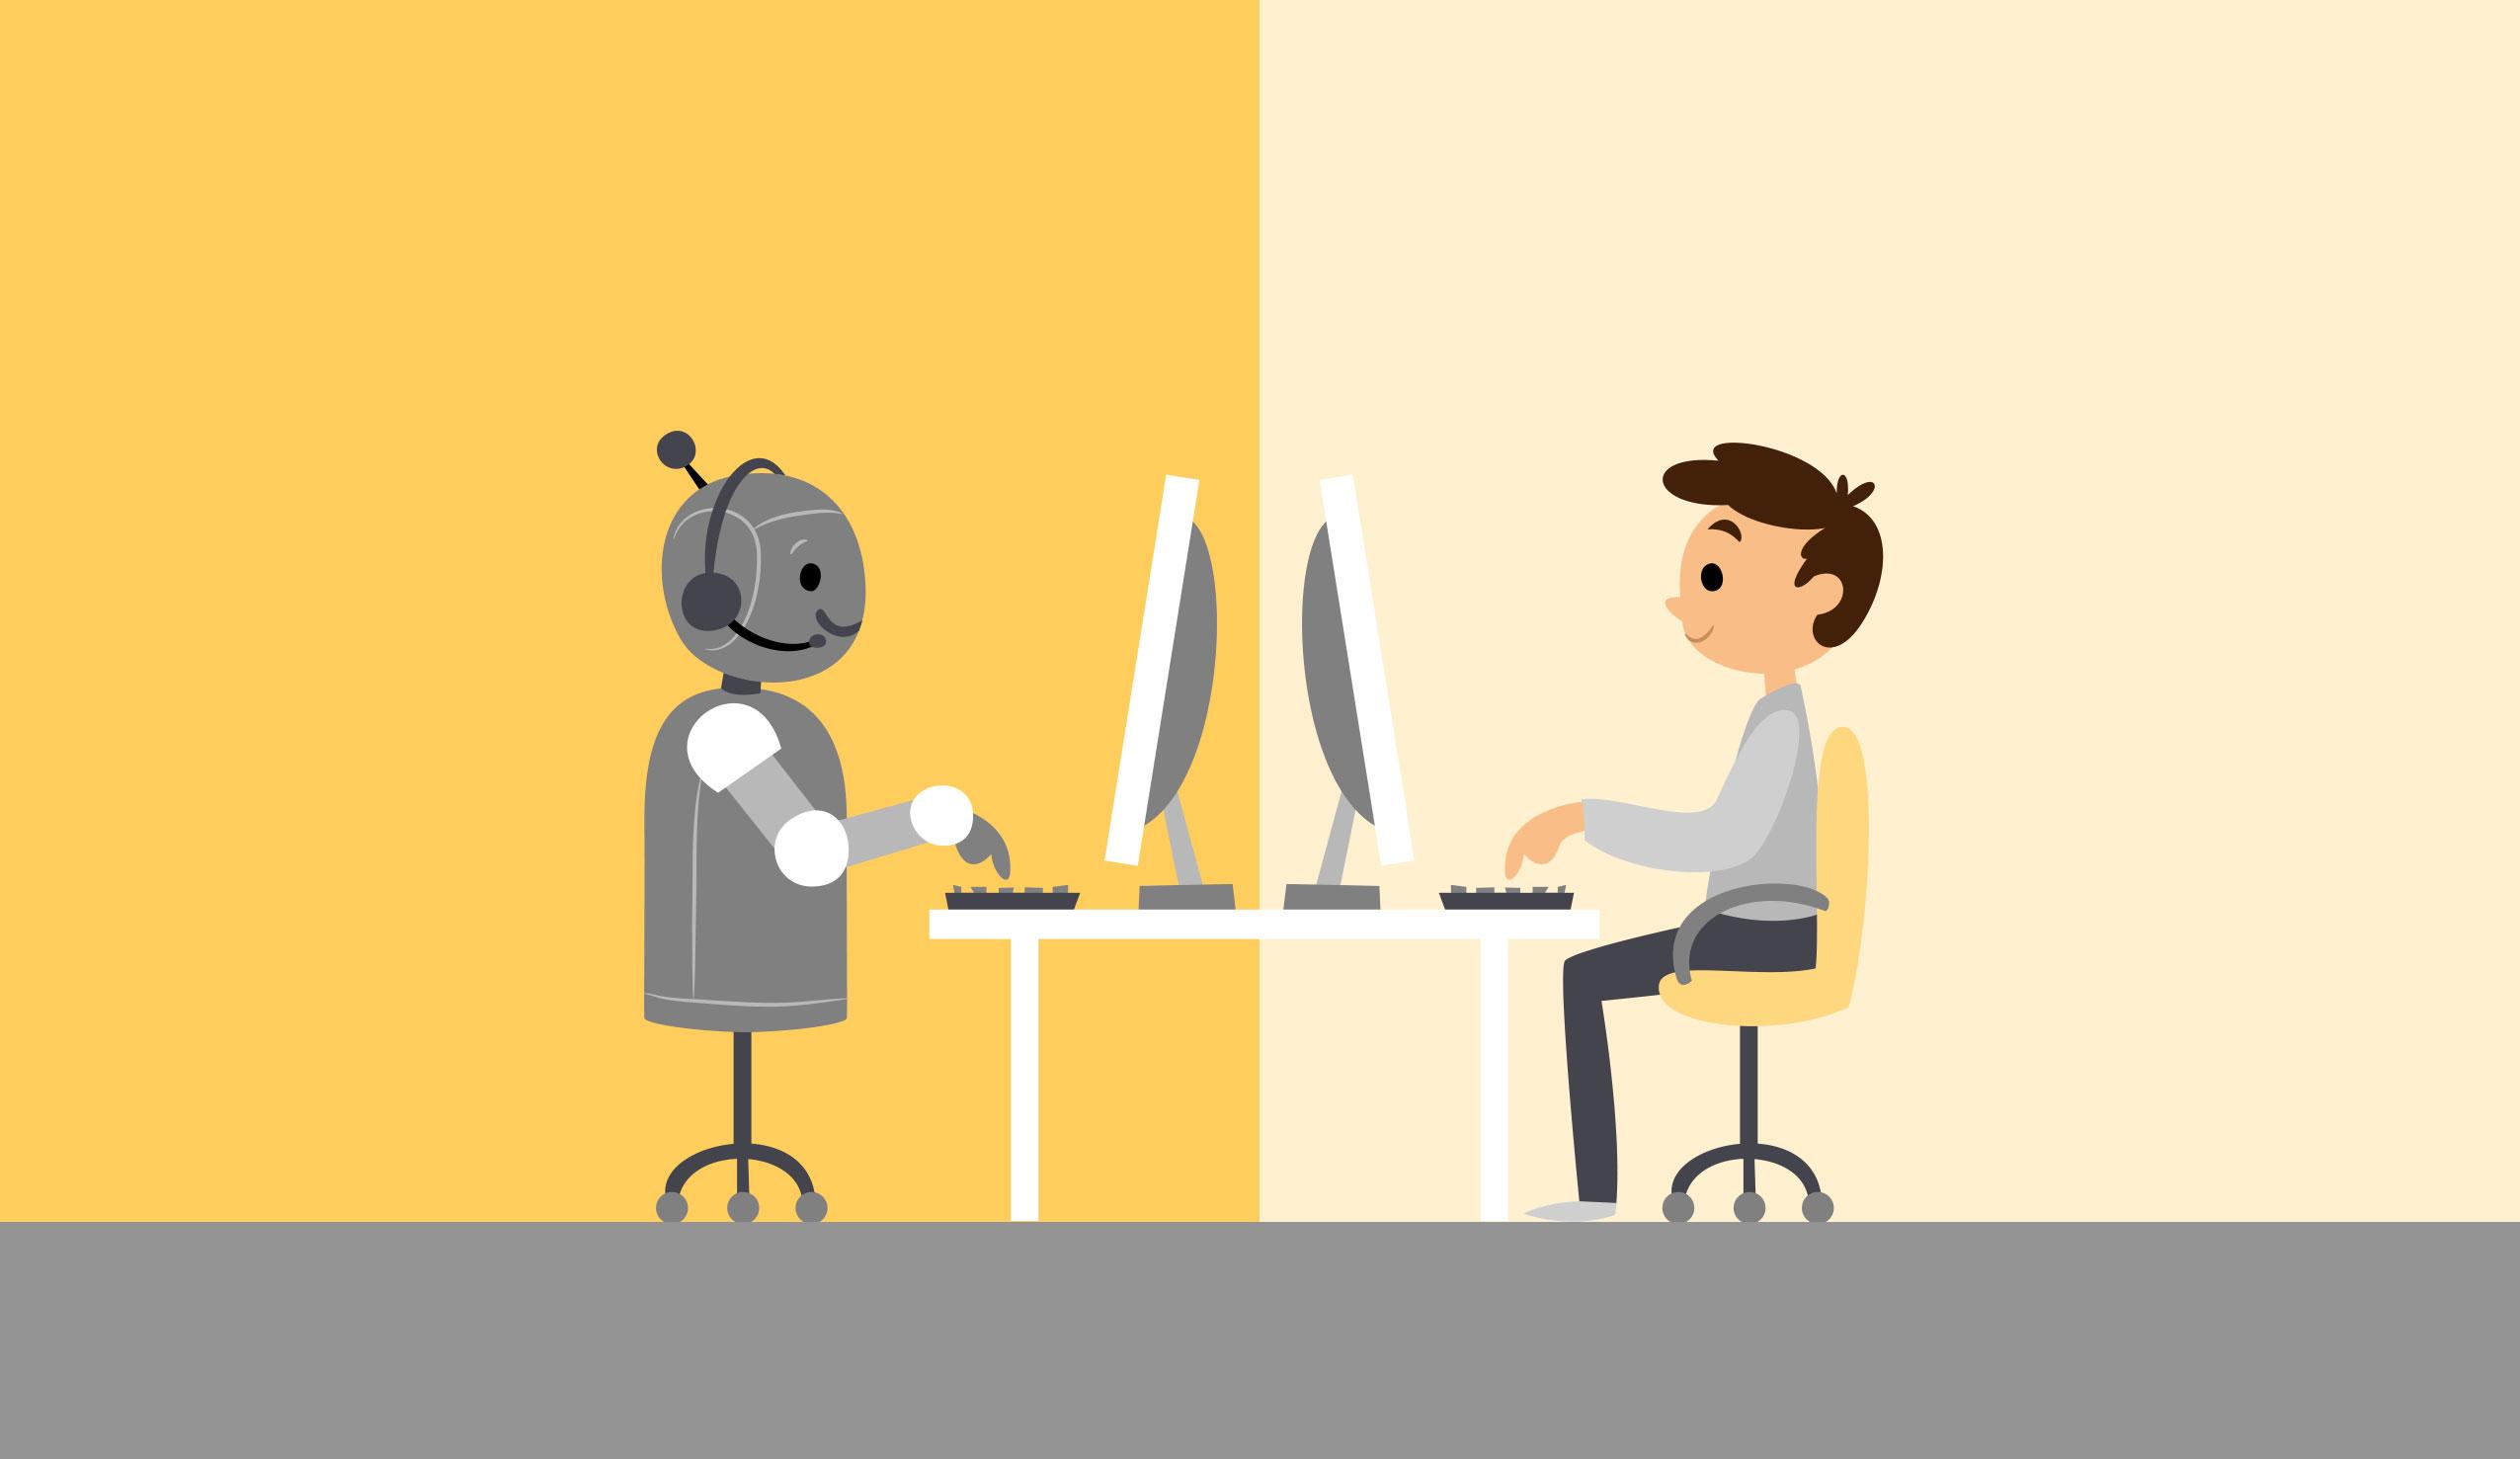 Cos'è un chatbot? E perché può essere utile per il tuo business?